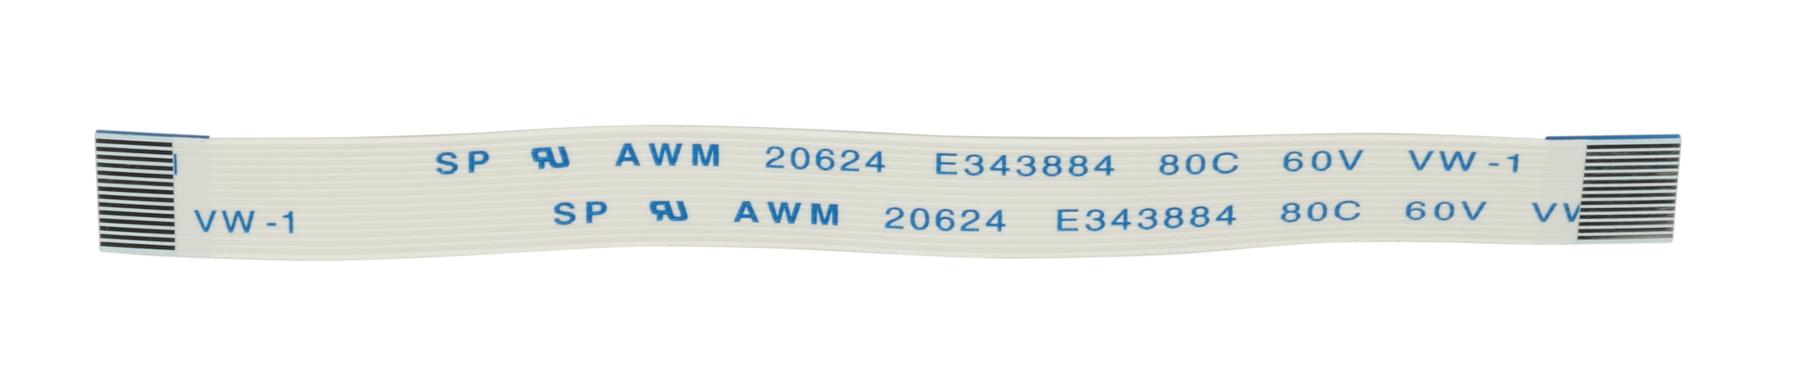 Ribbon Cable for XDV35 and XDV70